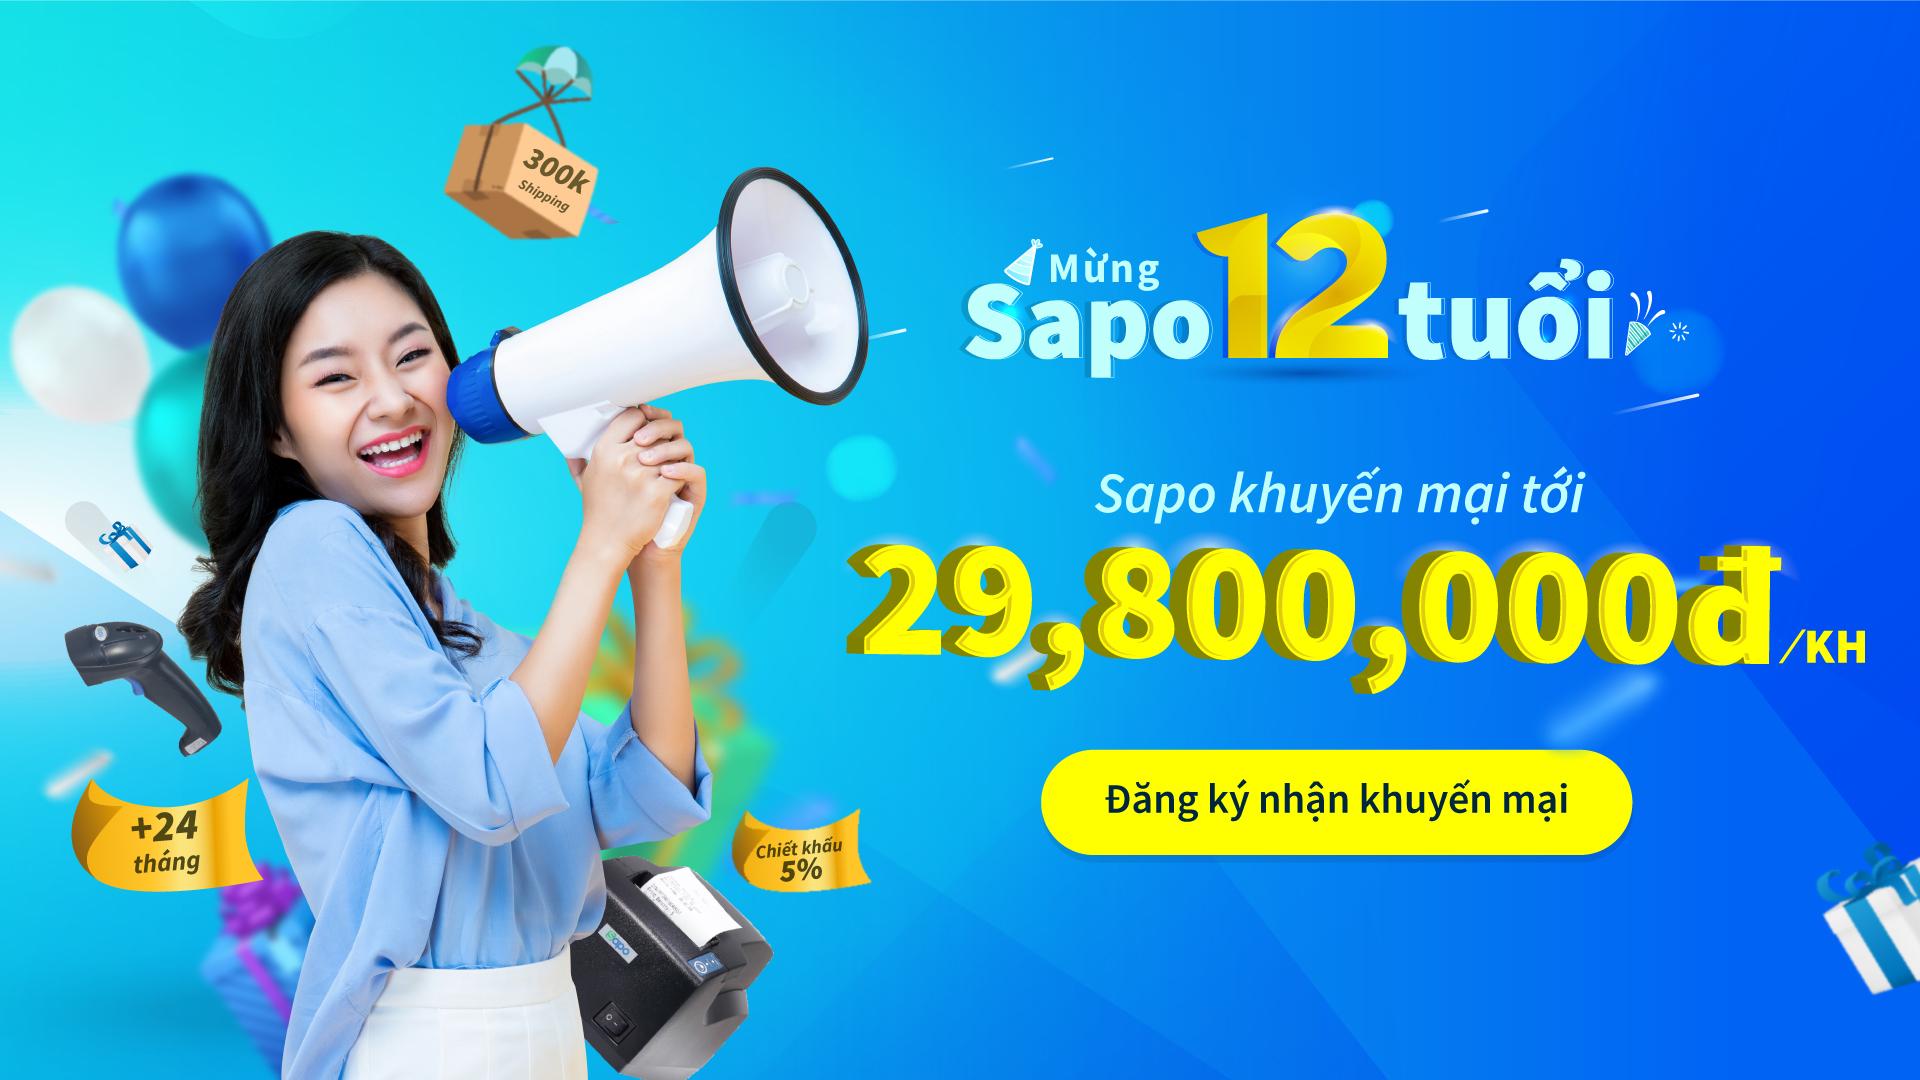 Mừng sinh nhật Sapo 12 tuổi: Ưu đãi cực hấp dẫn tới 29.800.000đ/khách hàng